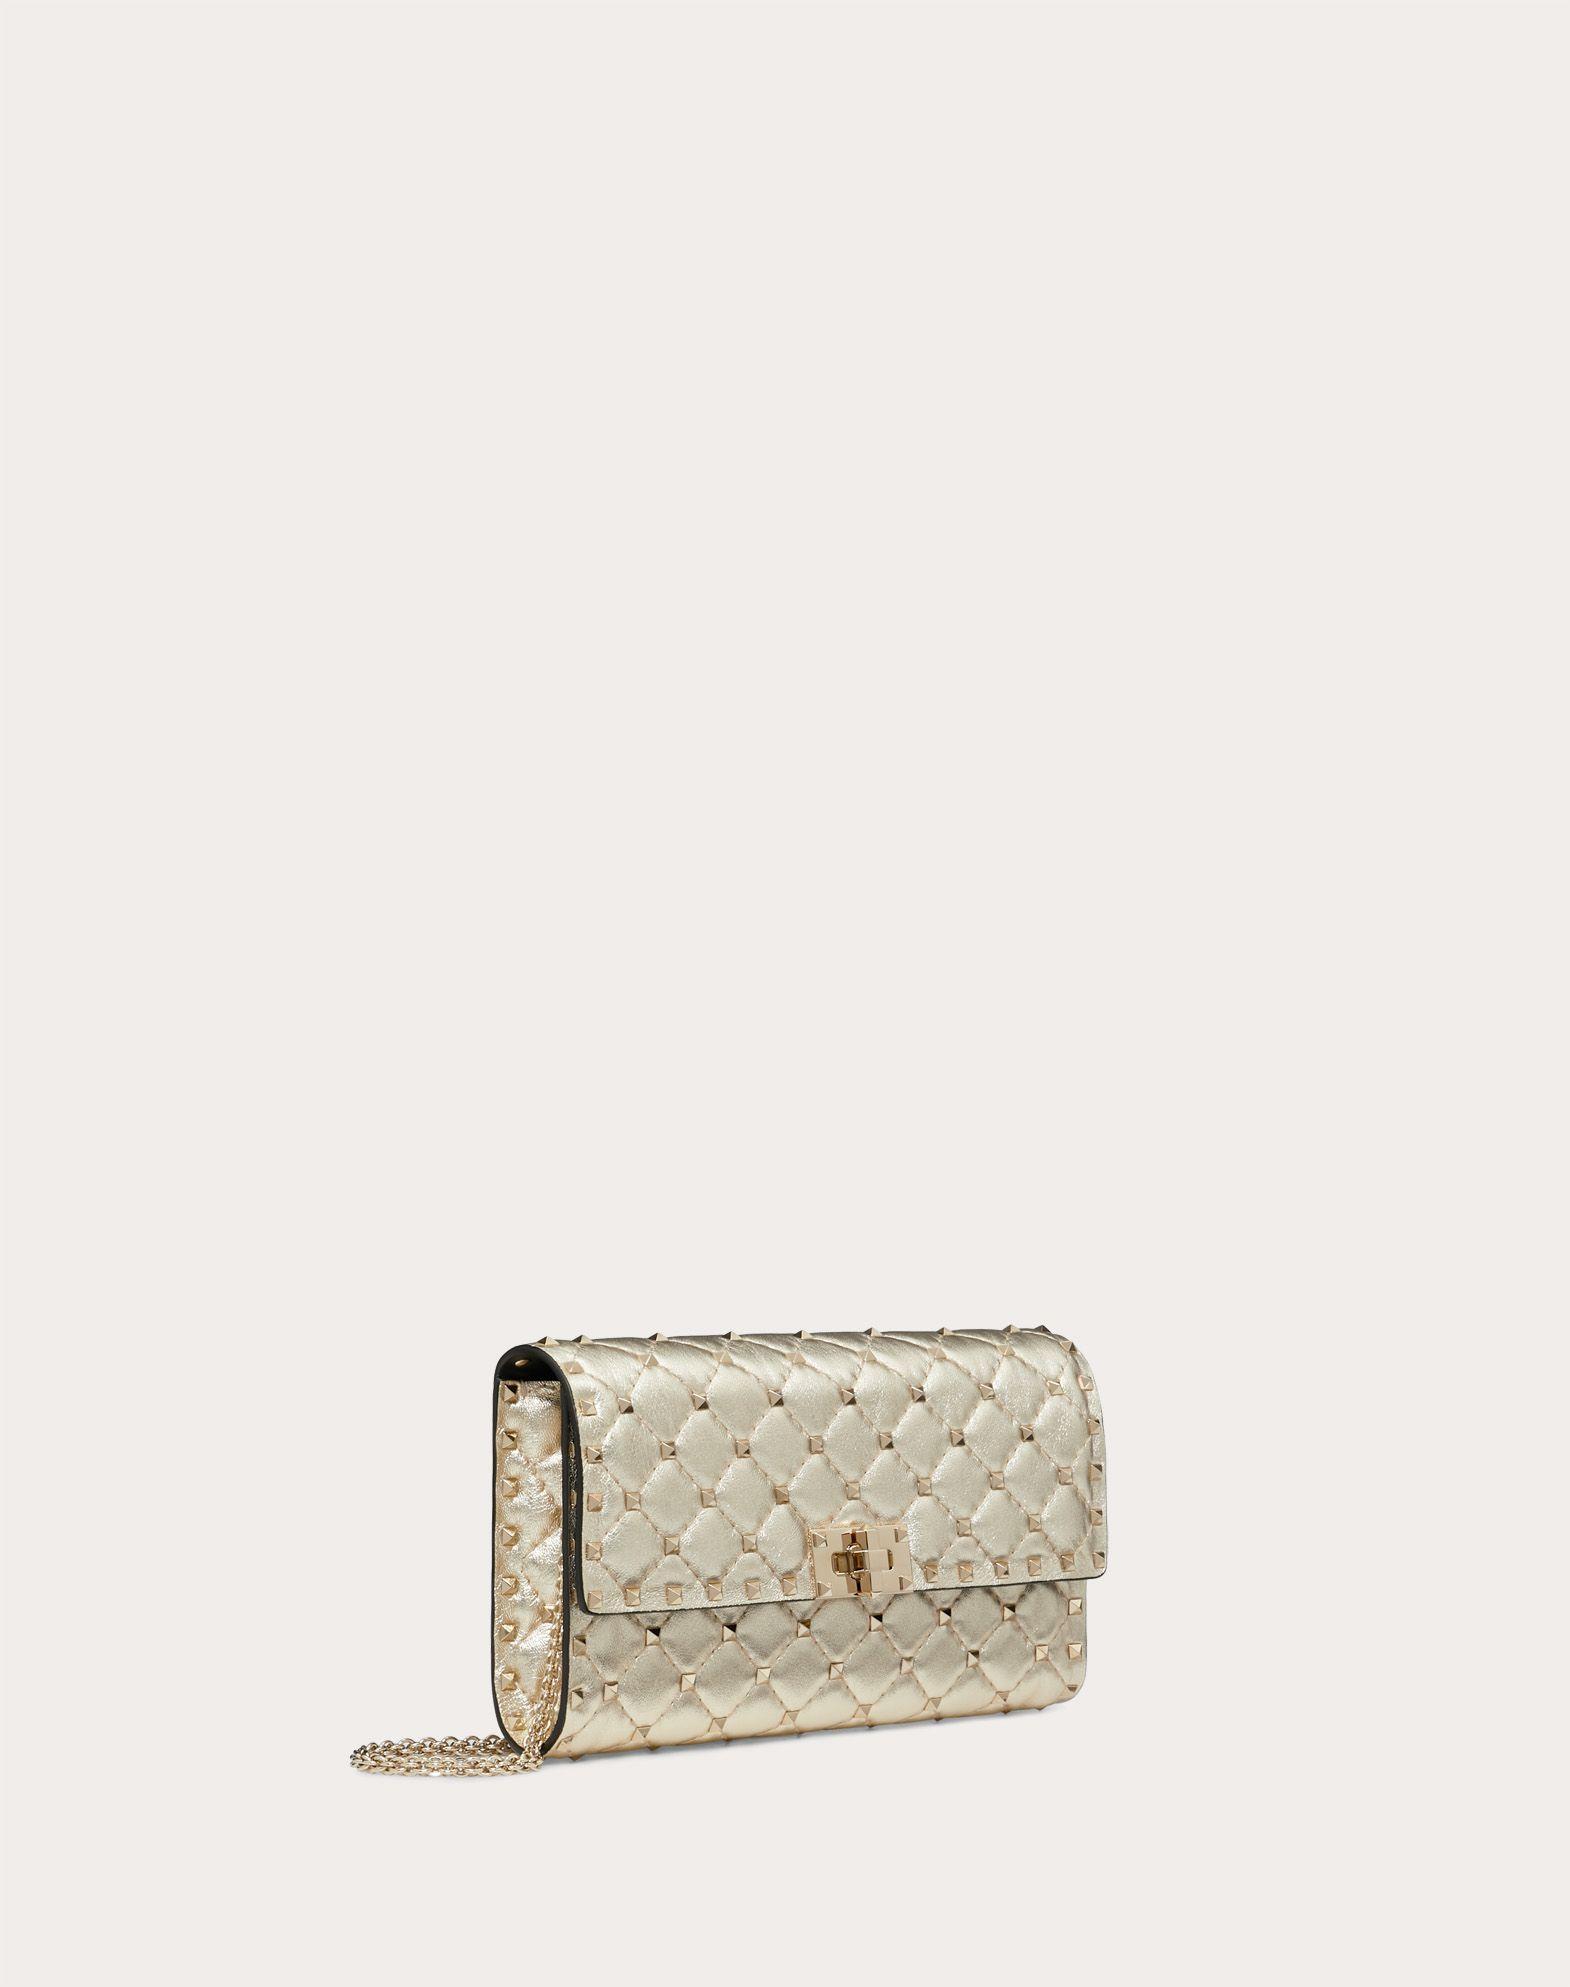 VALENTINO GARAVANI Rockstud Spike Chain Bag  Shoulder bag D r